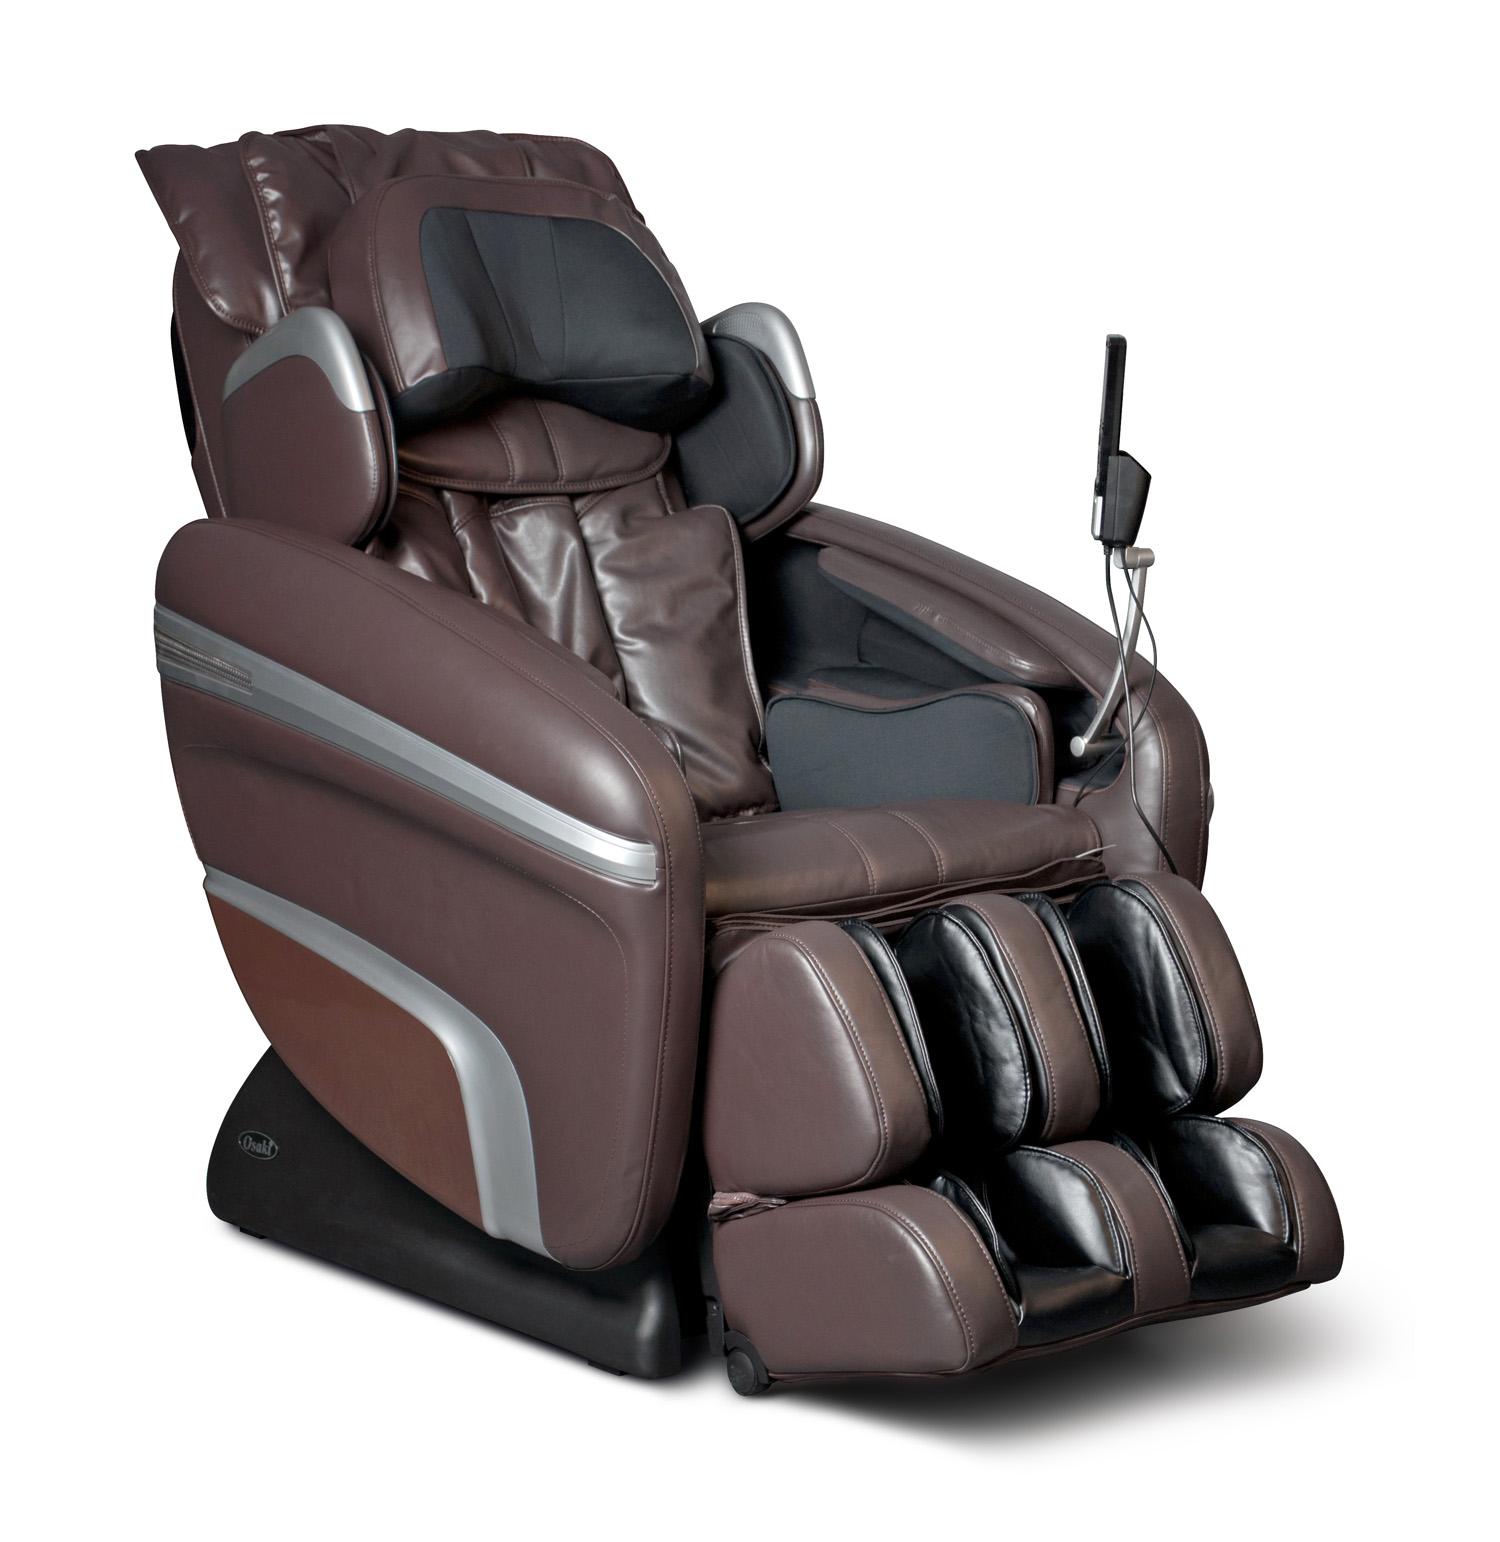 Massagechairreliefcom Introduces The Osaki OS6000